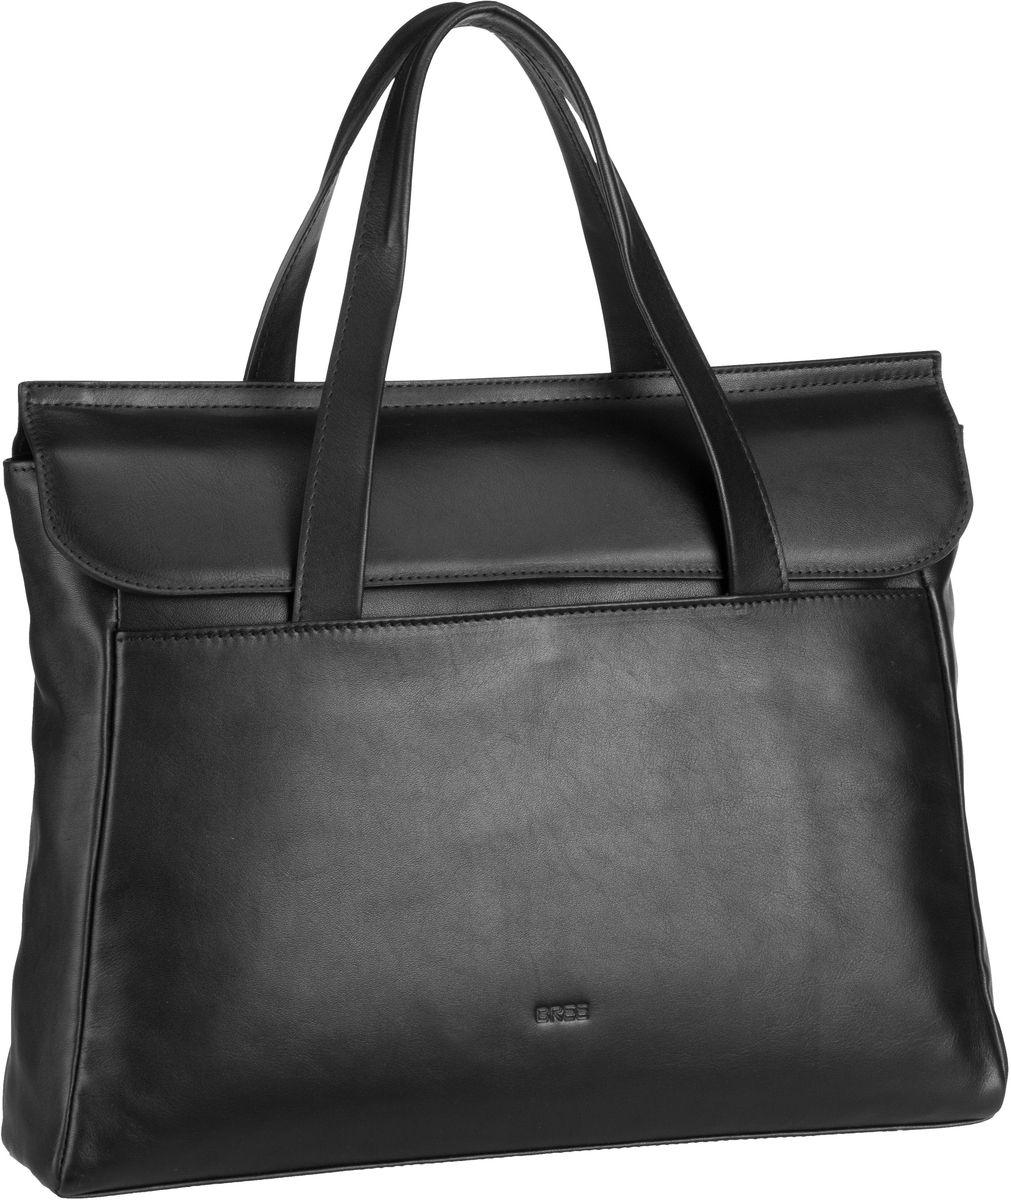 Handtasche Stockholm 45 Black